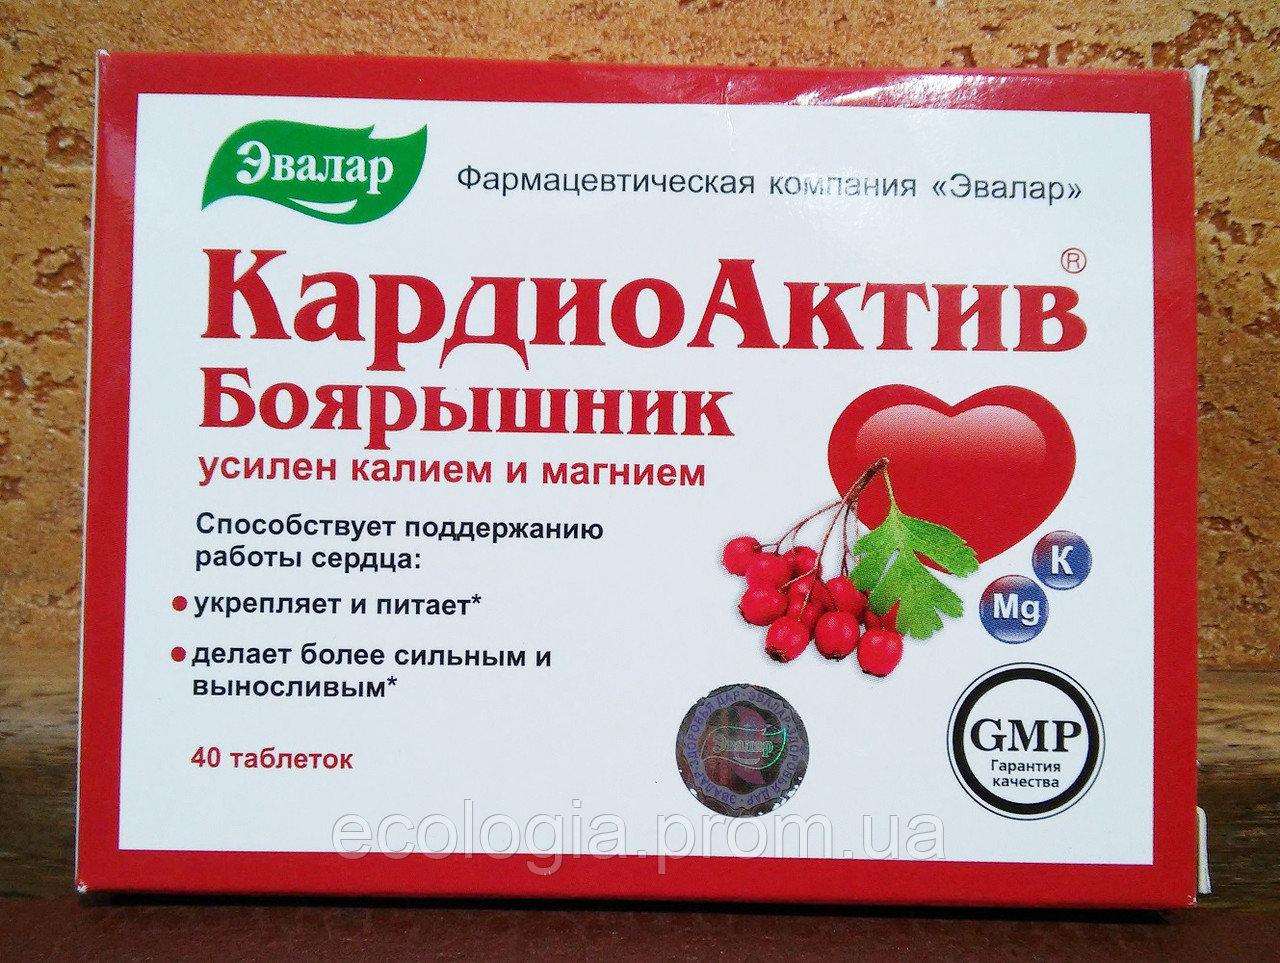 Препараты калия и магния для сердца: что назначают врачи